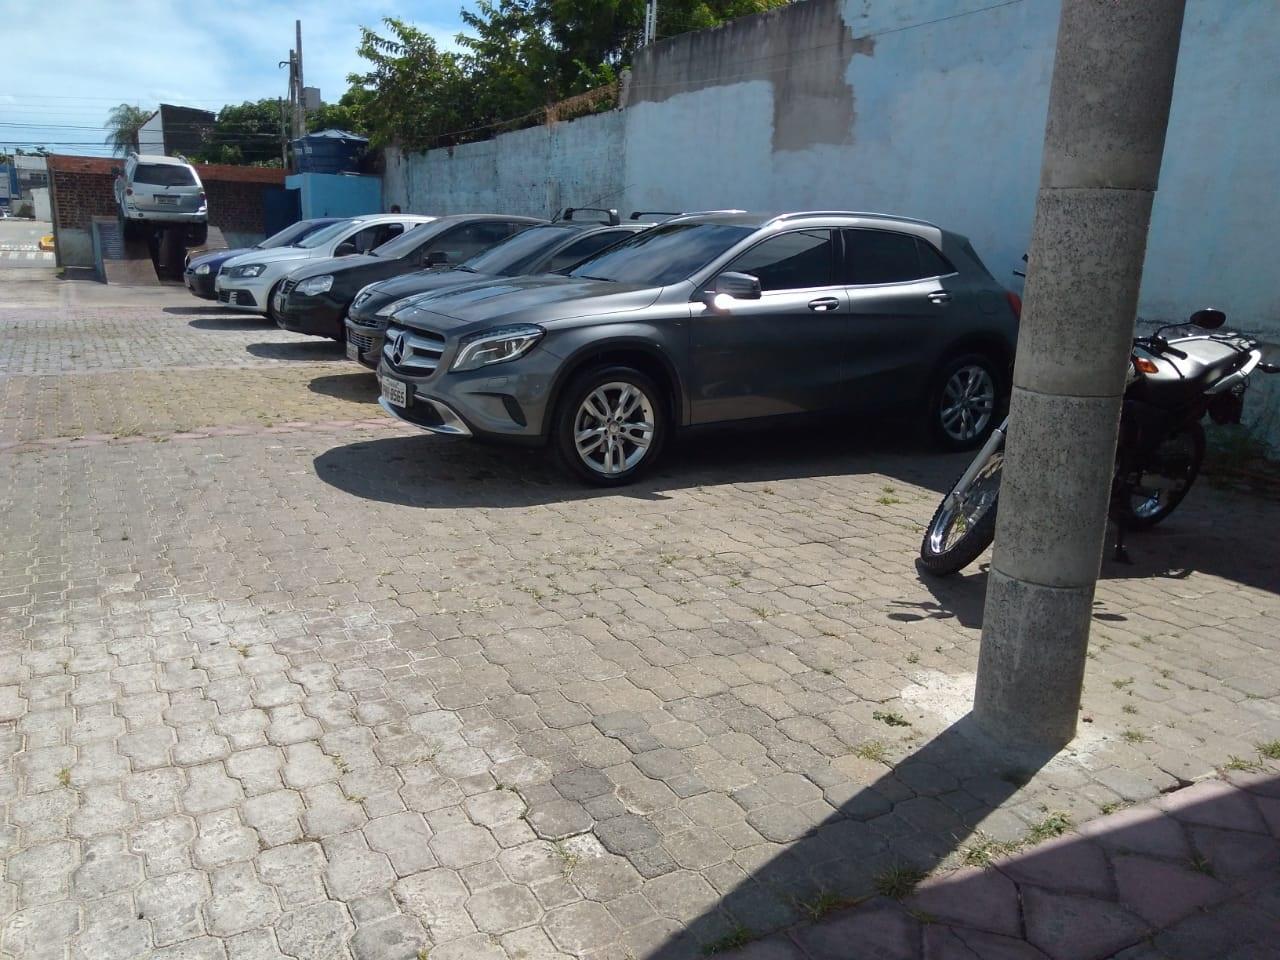 Tudo para o seu carro: Polimento com cera de carnaúba + Limpeza externa + Gel hidratante + Aspiração + Aromatização por R$34,99 na Star Autos